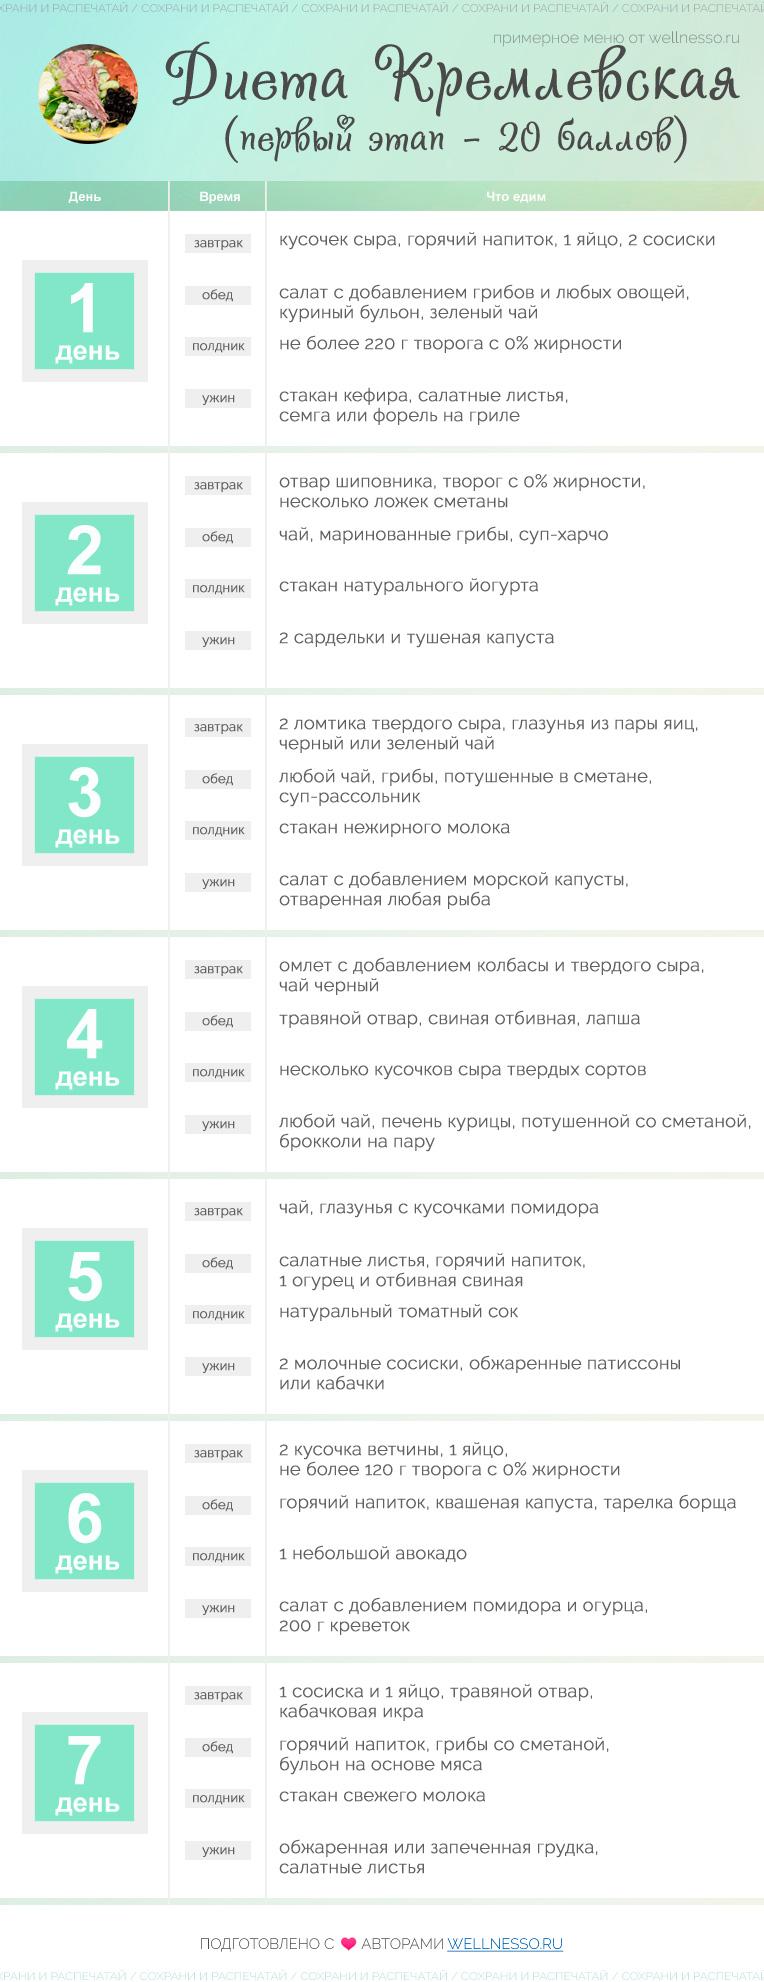 Кремлевская диета на 20 у.е.: меню на 20 баллов и рецепты блюд